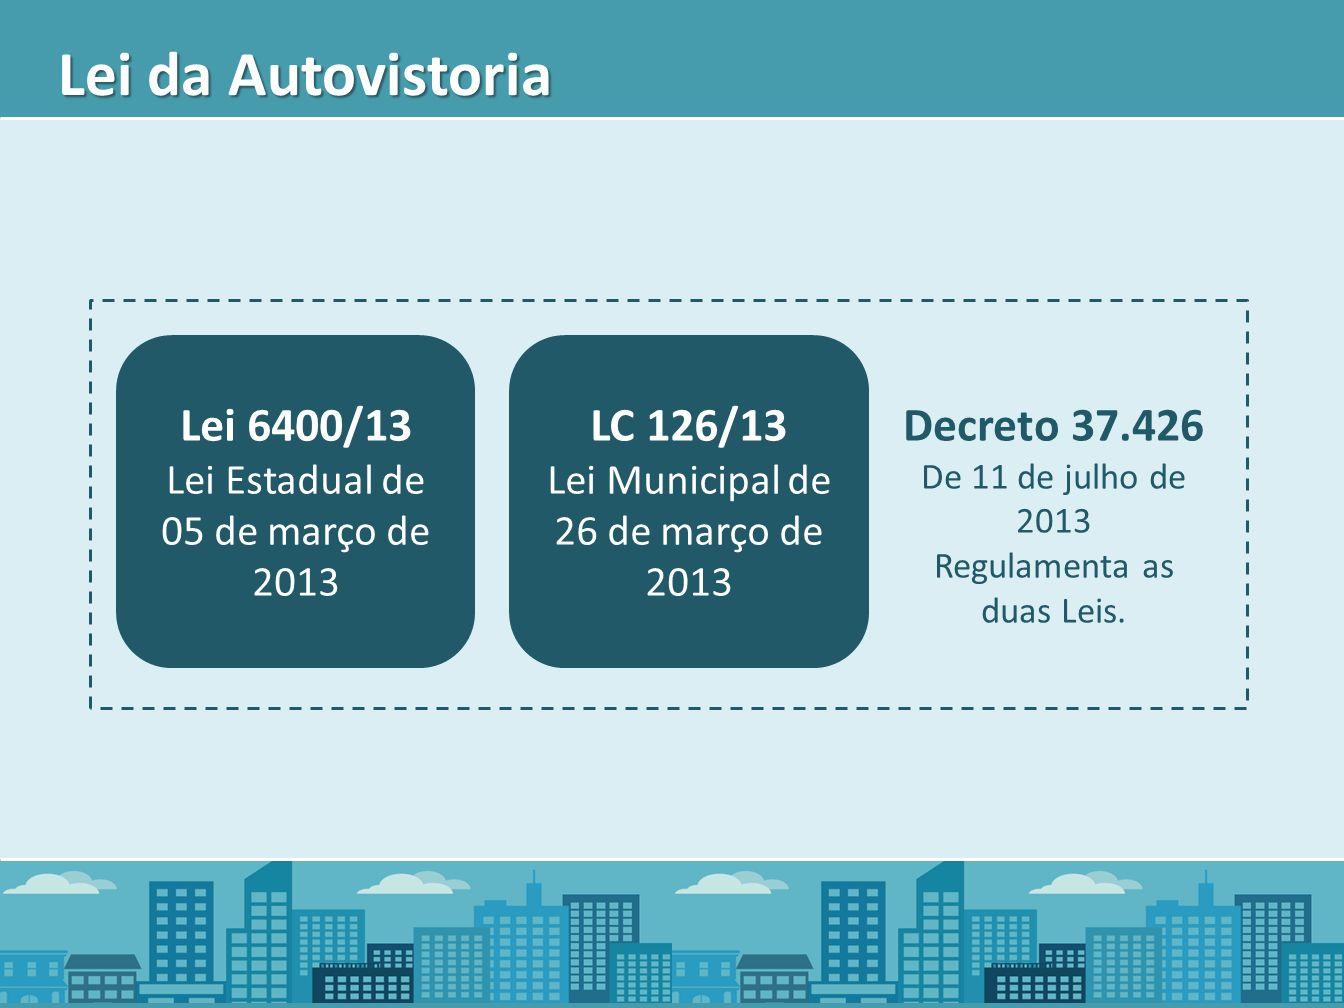 Lei da Autovistoria Decreto 37.426 Lei 6400/13 LC 126/13